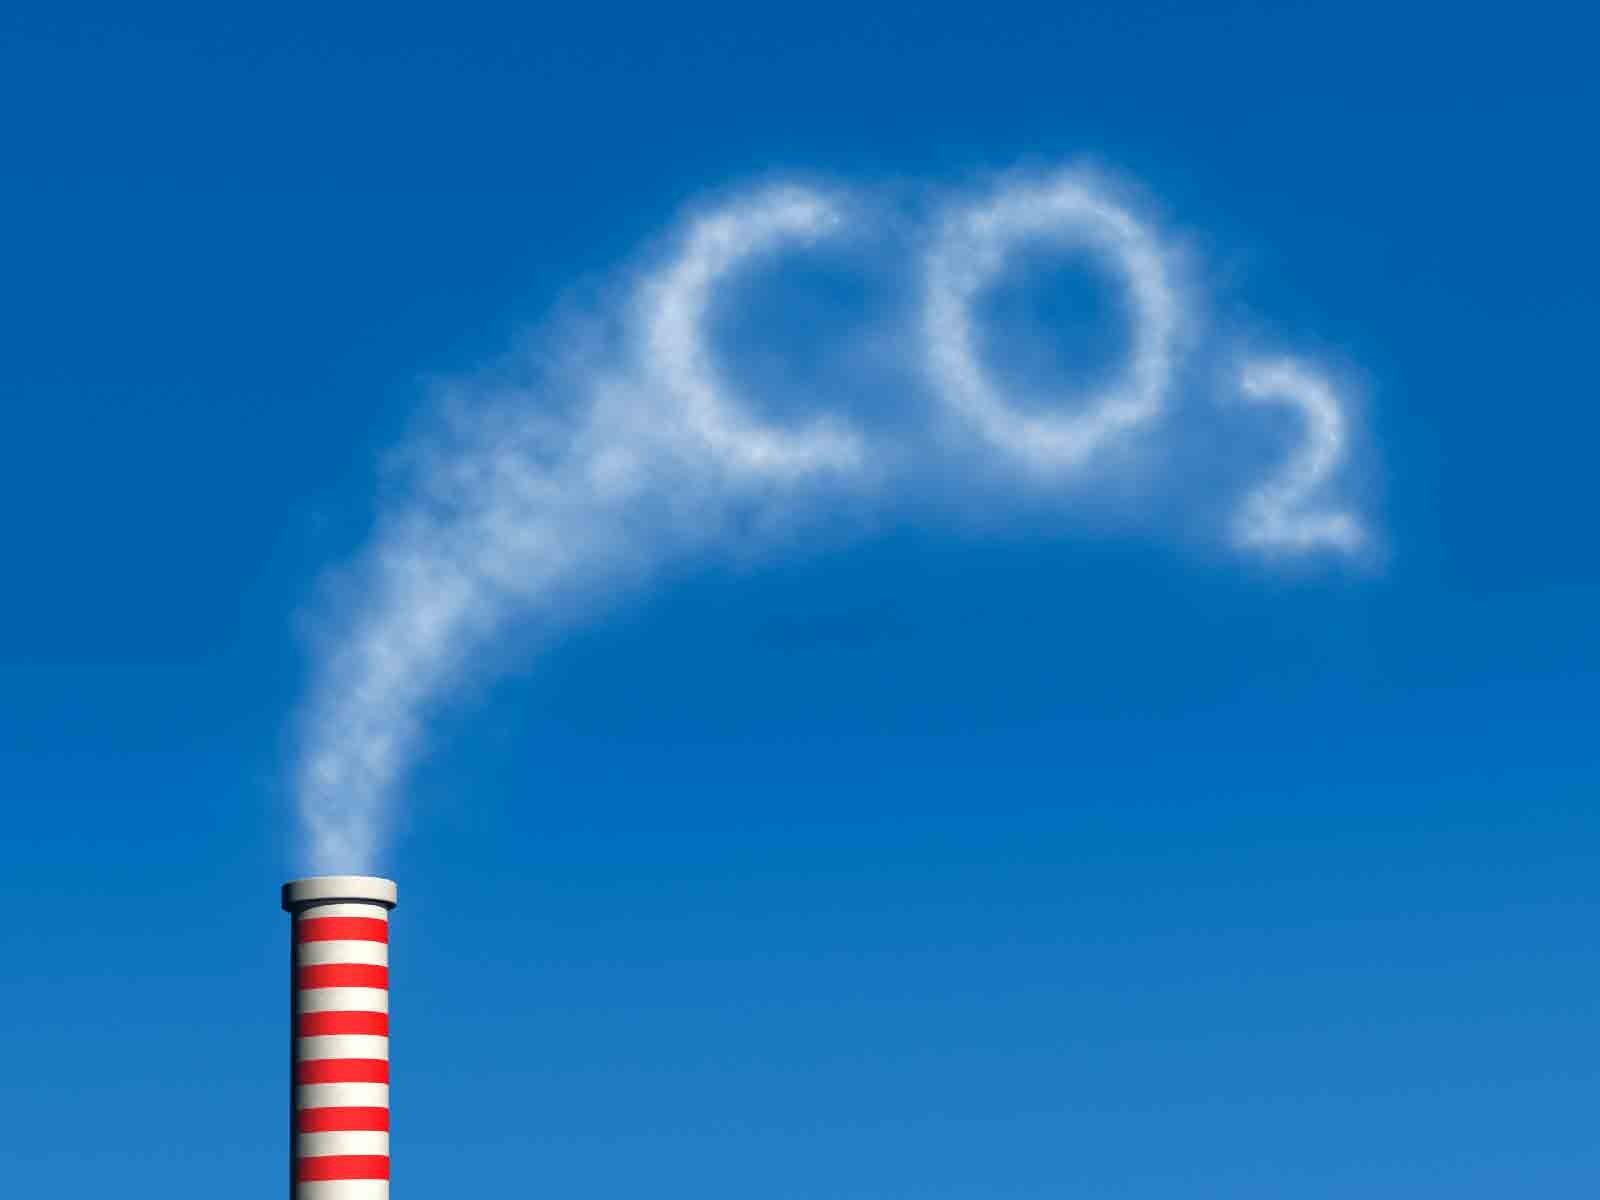 Ватмосфере Земли содержание углекислоты преодолело критическую отметку